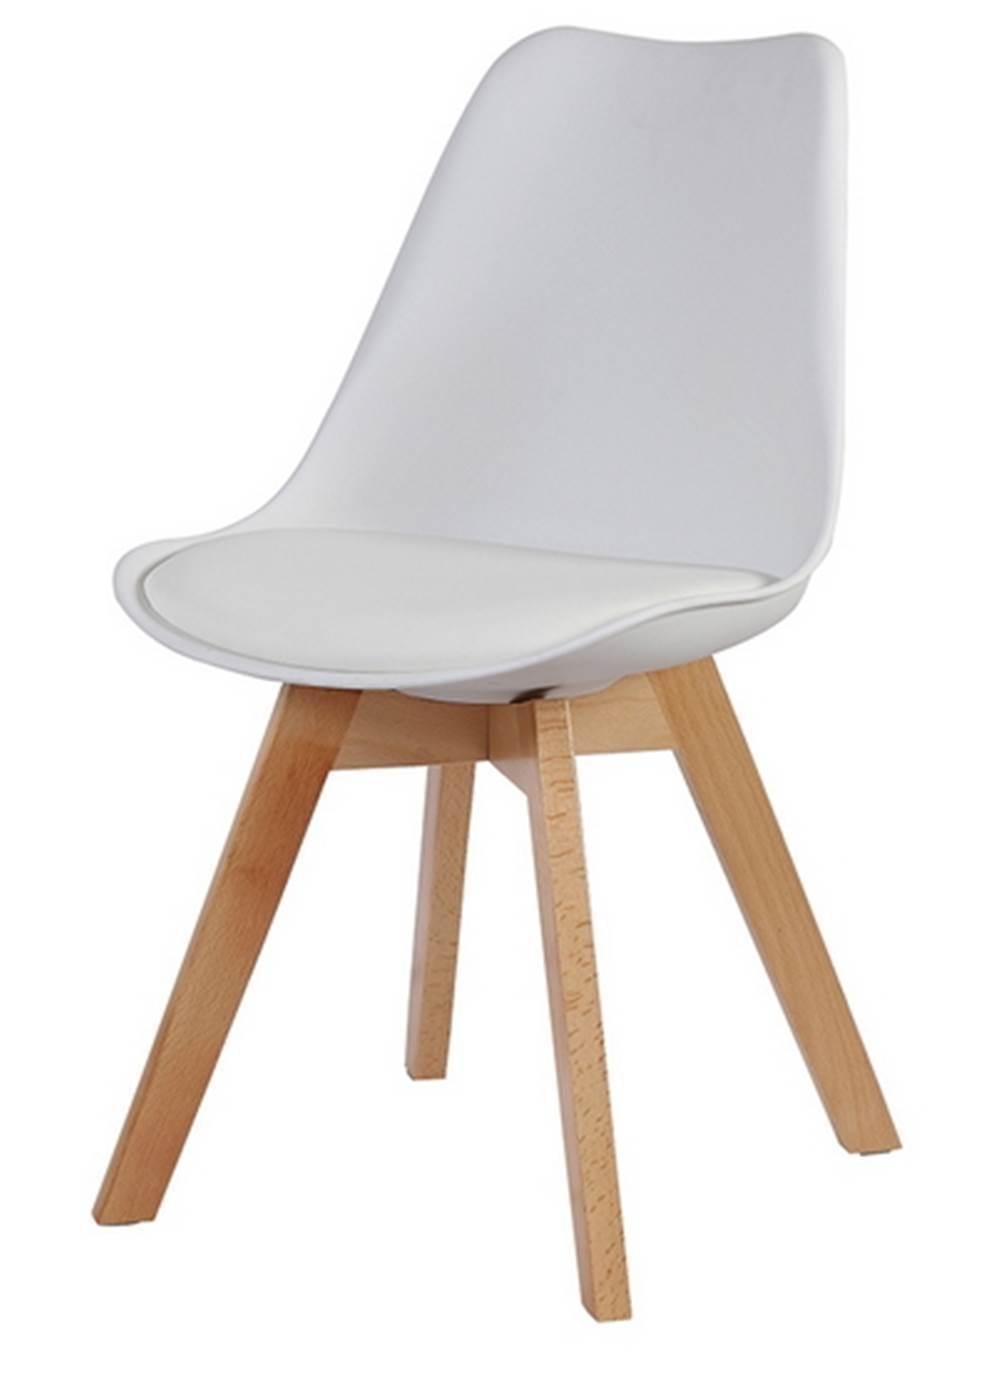 Cadeira Leda Eames PP Base Madeira Cor Branca - 26355